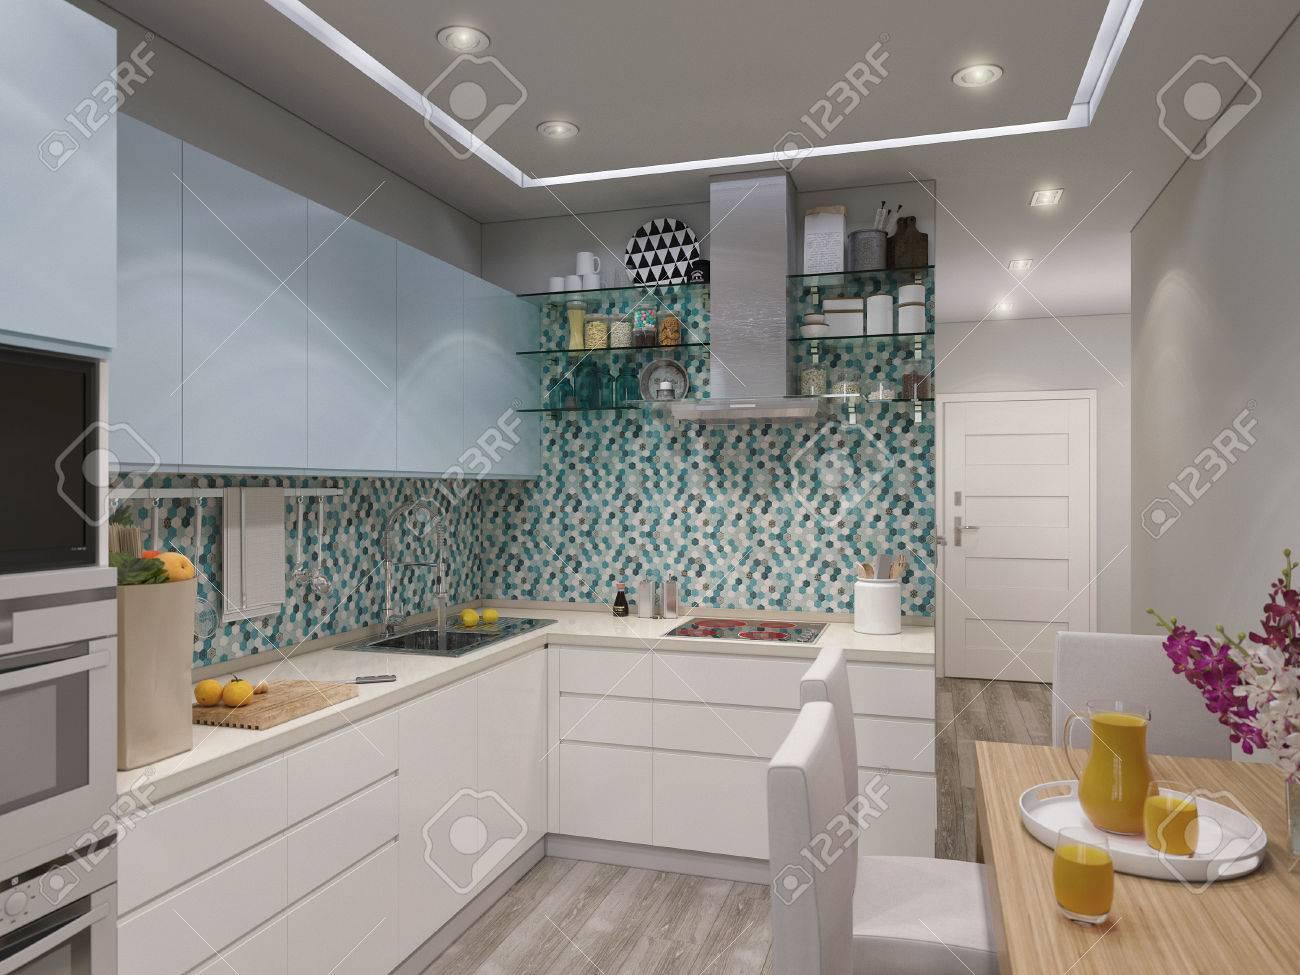 Asombroso Cocina 3d Planificador Libre Bosquejo - Ideas de ...